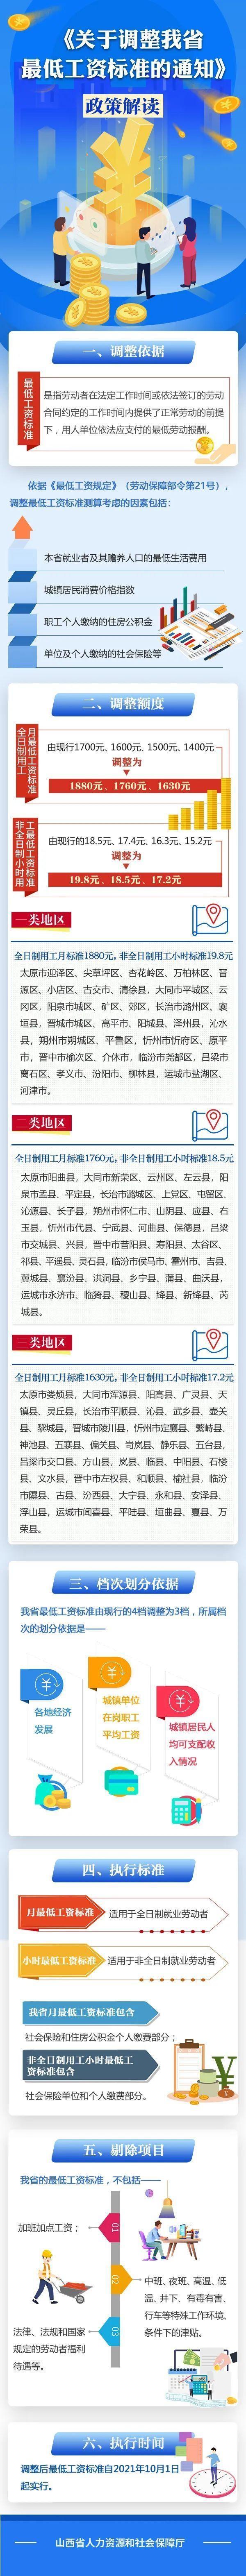 闻喜县将调整最低工资标准